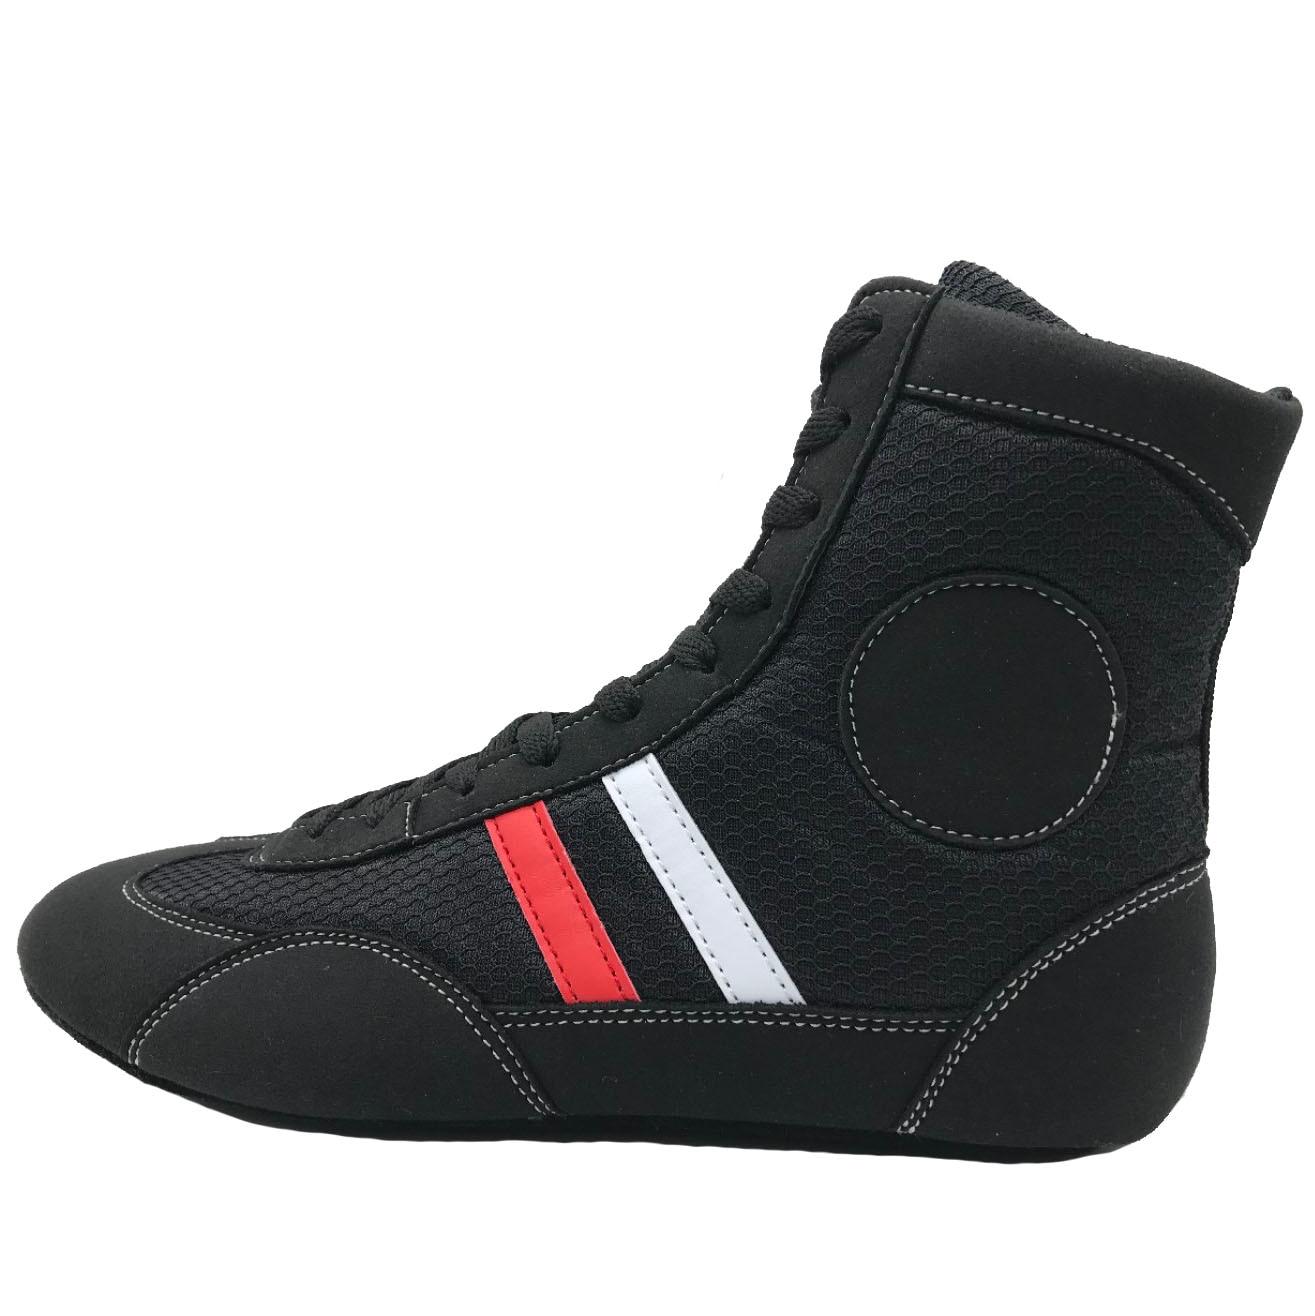 SINOBUDO профессиональная обувь для борьбы с мягкой подошвой, боксерские бои, кожаные кроссовки, тренировочные спортивные ботинки S004 - Цвет: Черный